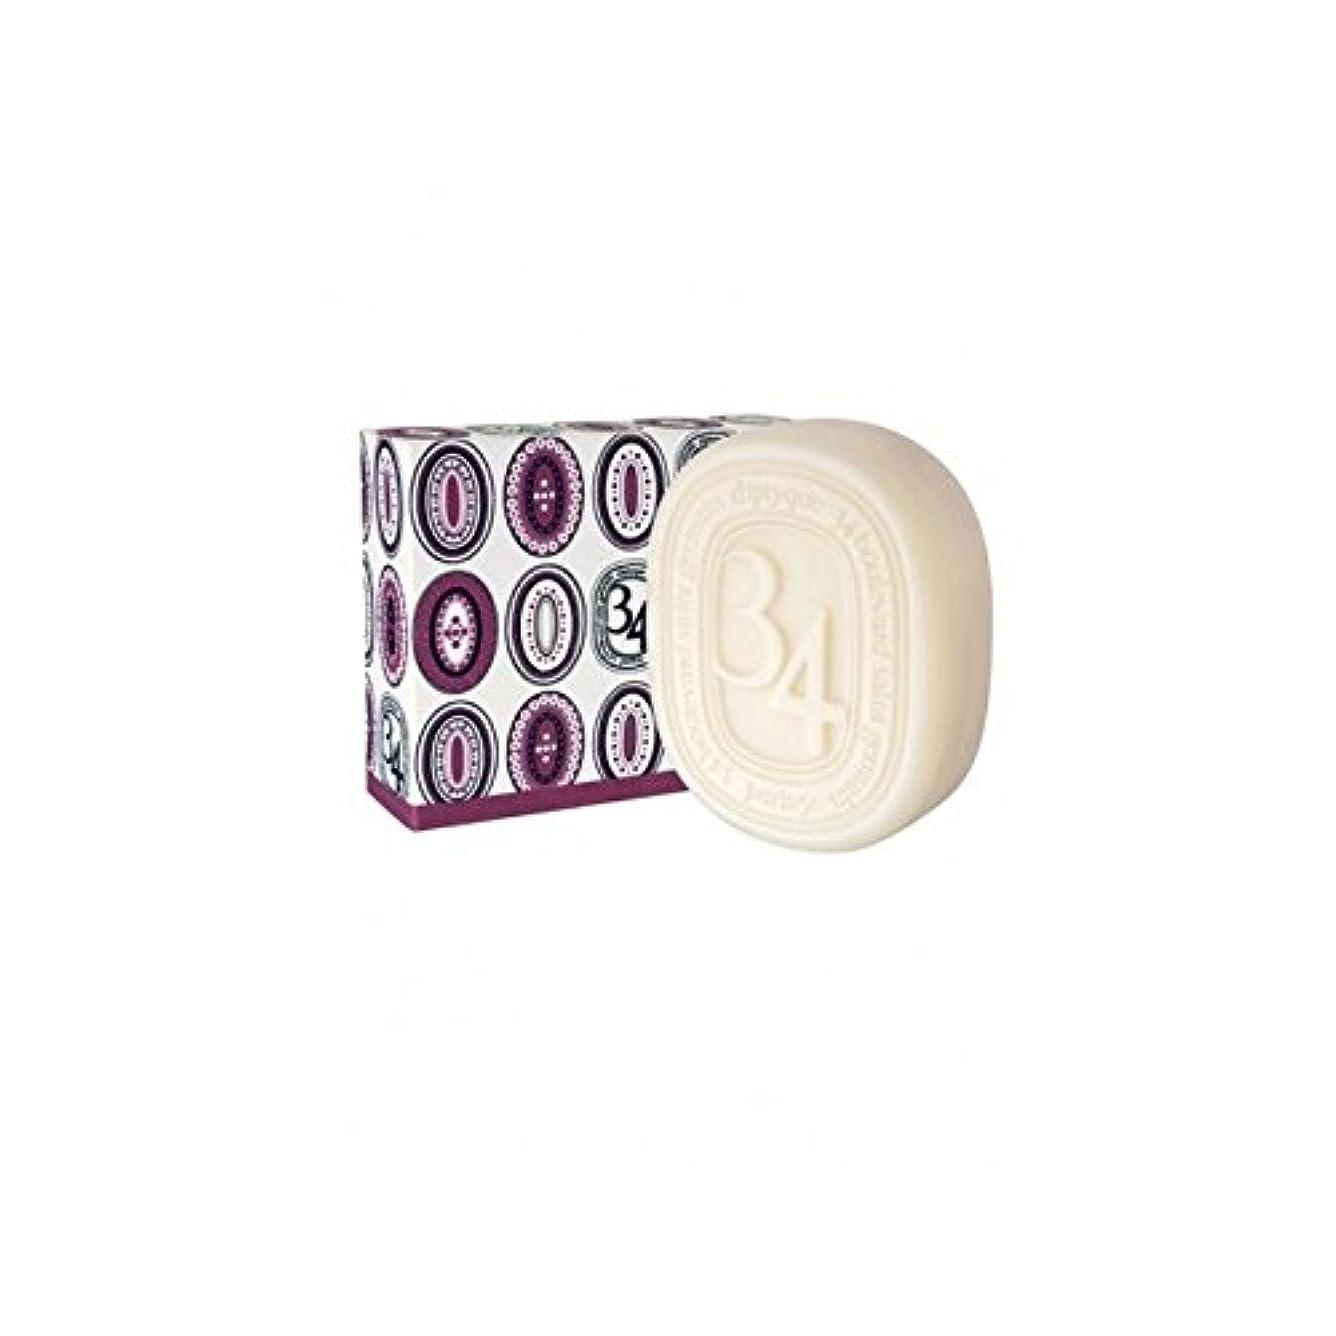 ブロック精巧な矛盾するDiptyqueコレクション34大通りサンジェルマン石鹸100グラム - Diptyque Collection 34 Boulevard Saint Germain Soap 100g (Diptyque) [並行輸入品]